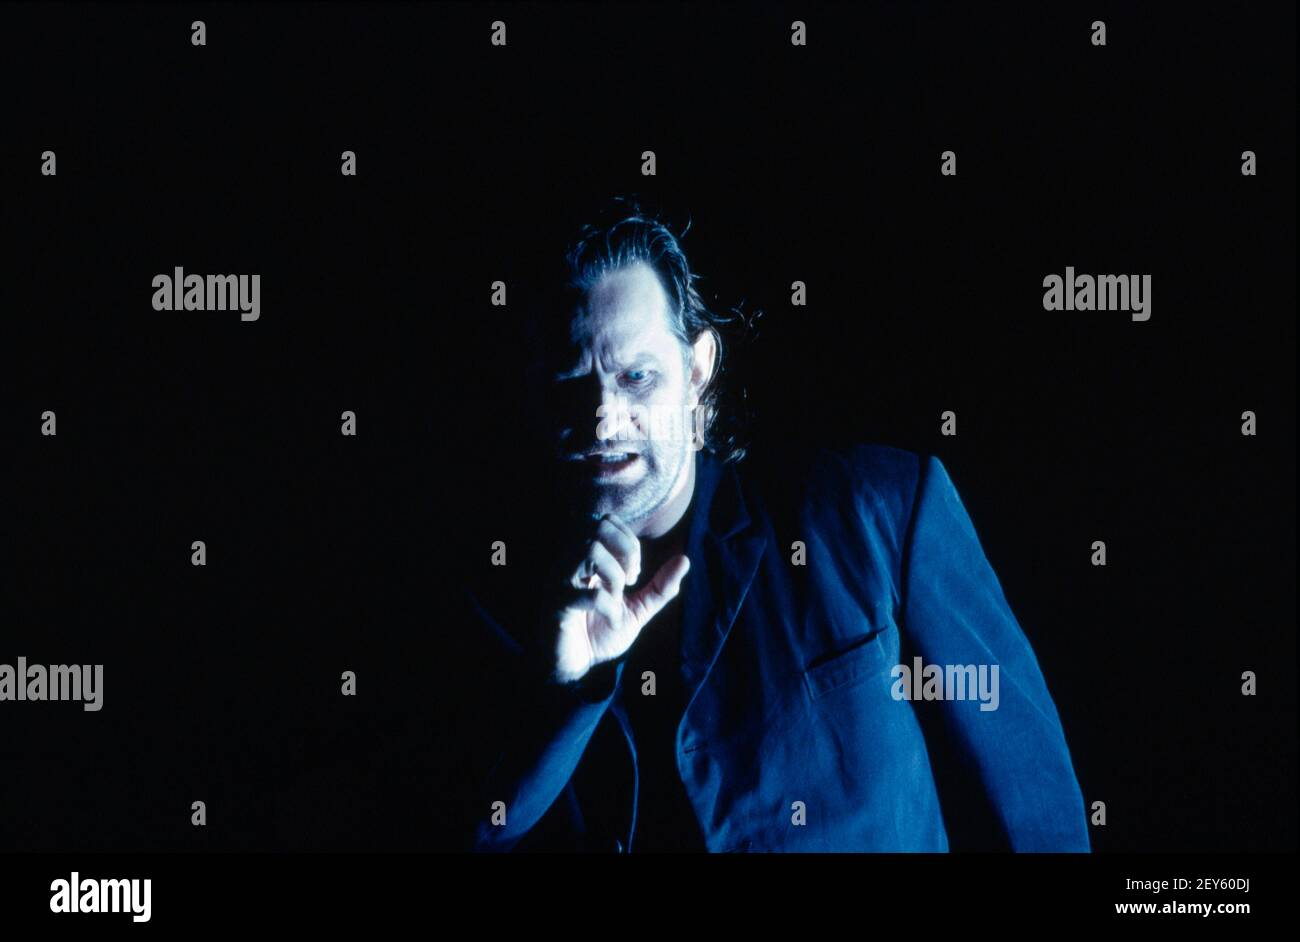 Poul Elming (Siegmund) in DIE tour par Wagner à l'Opéra Royal, Covent Garden, Londres WC2 14/10/1994 chef d'orchestre: Bernard Haitink design: Nigel Lowery éclairage: Pat Collins mouvement: Matthew Hamilton directeur: Richard Jones Banque D'Images